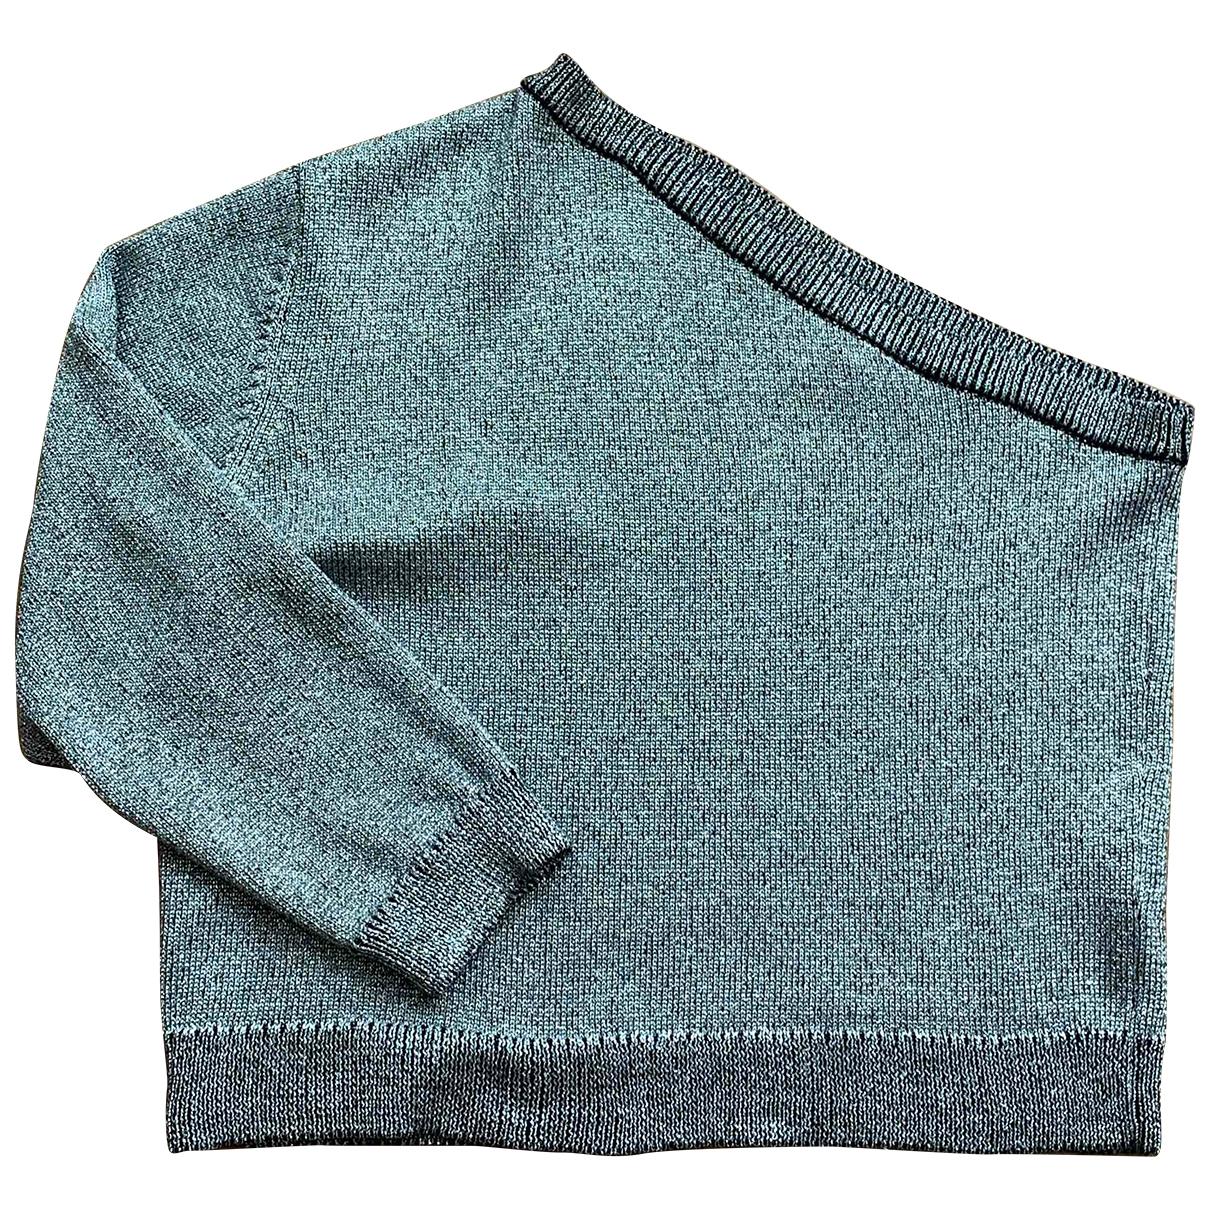 Rta \N Silver Cotton Knitwear for Women S International